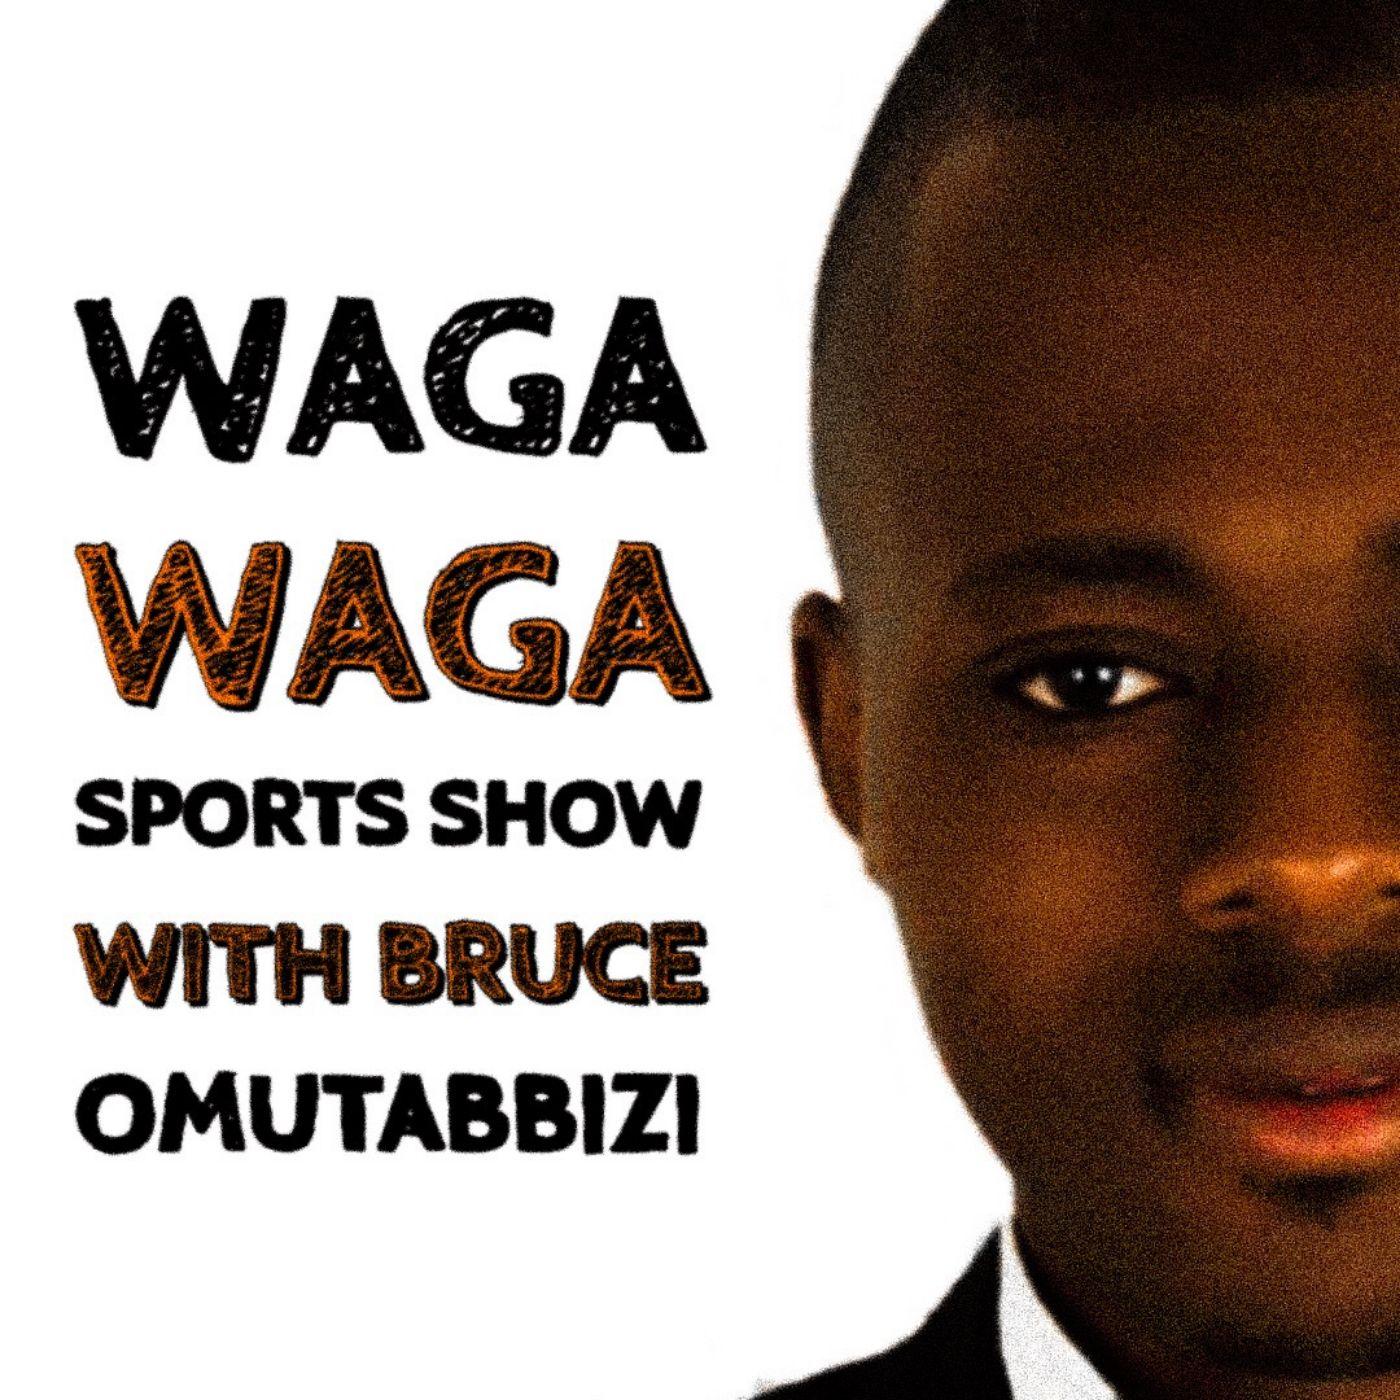 Waga Waga Sports Show